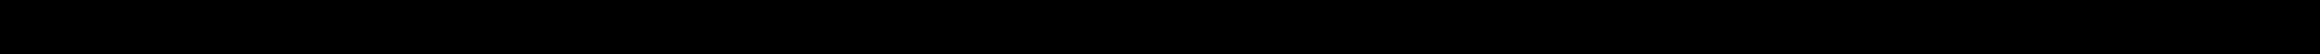 FEBI BILSTEIN 16 108 746 80, 1920.GV, 96 500 107 80, 1610874680, 9650010780 Ilmamassamittari